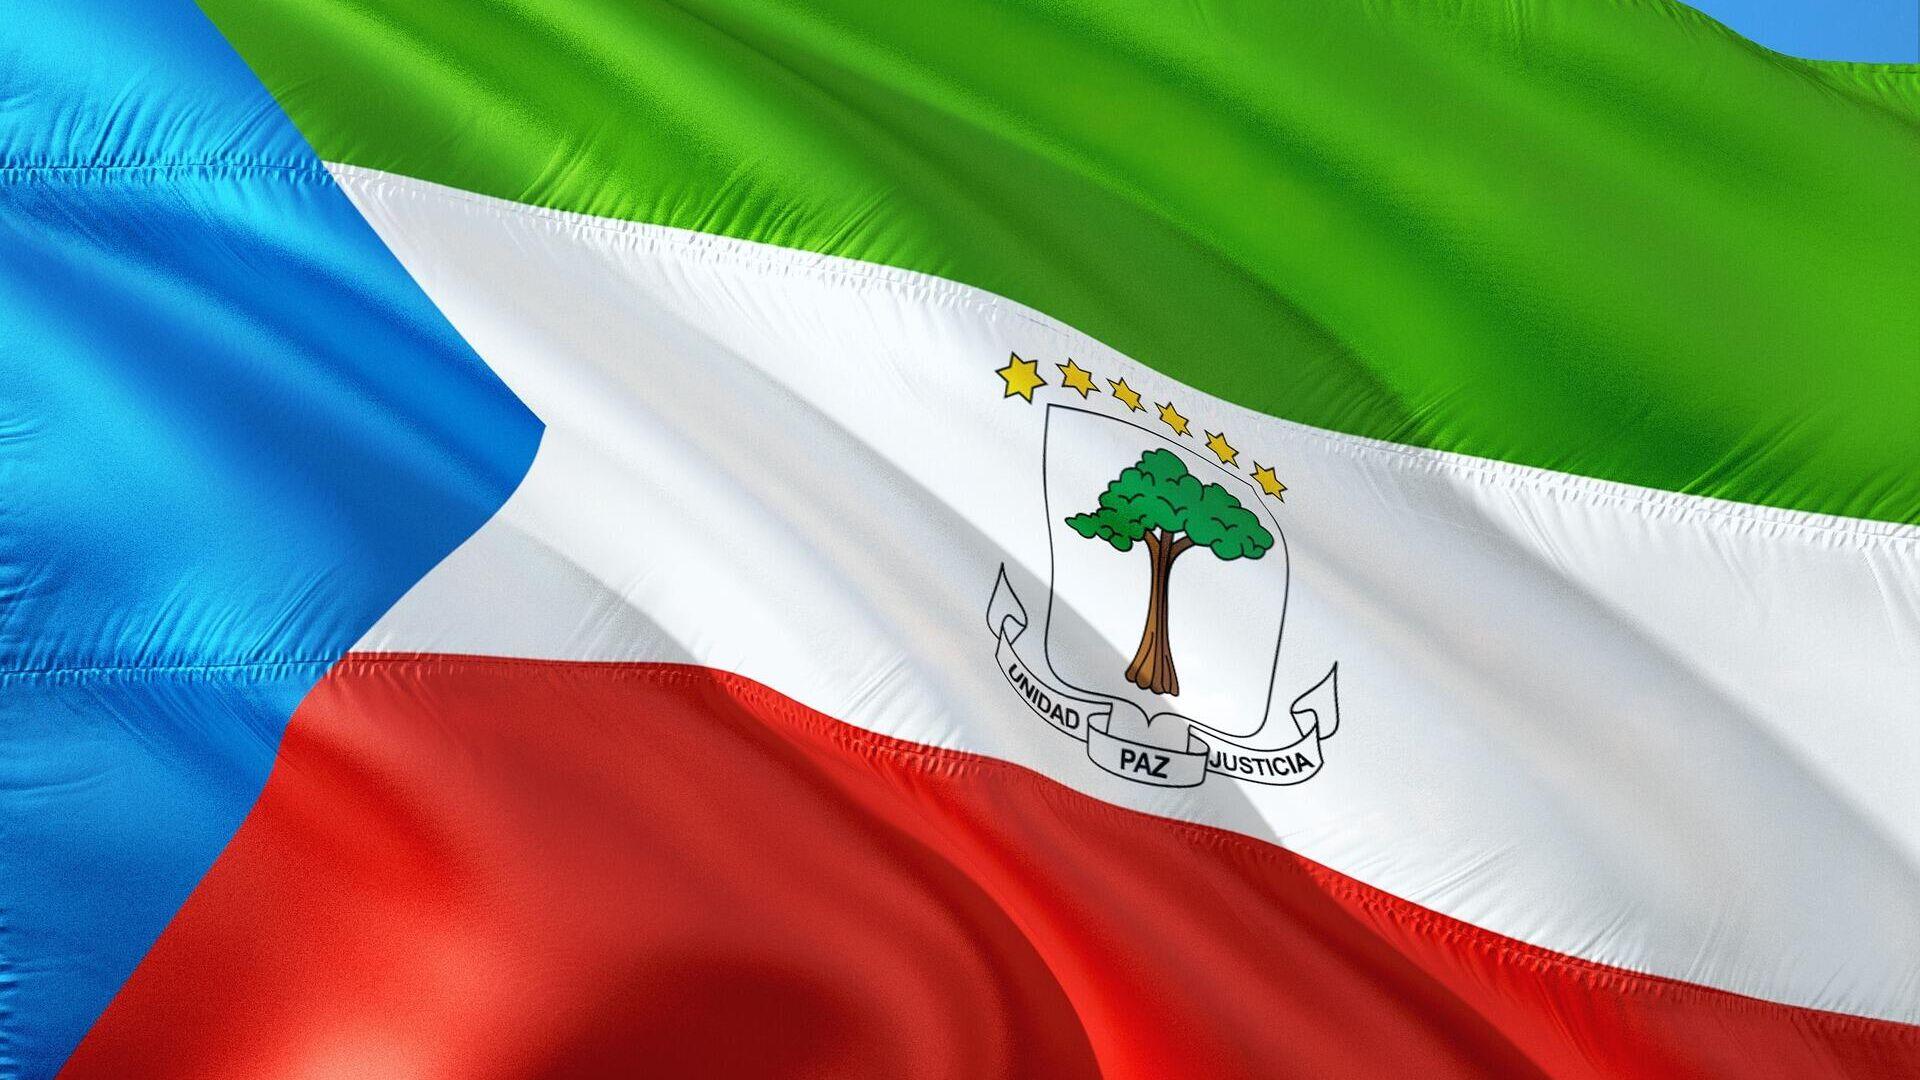 Bandera de Guinea Ecuatorial  - Sputnik Mundo, 1920, 26.07.2021